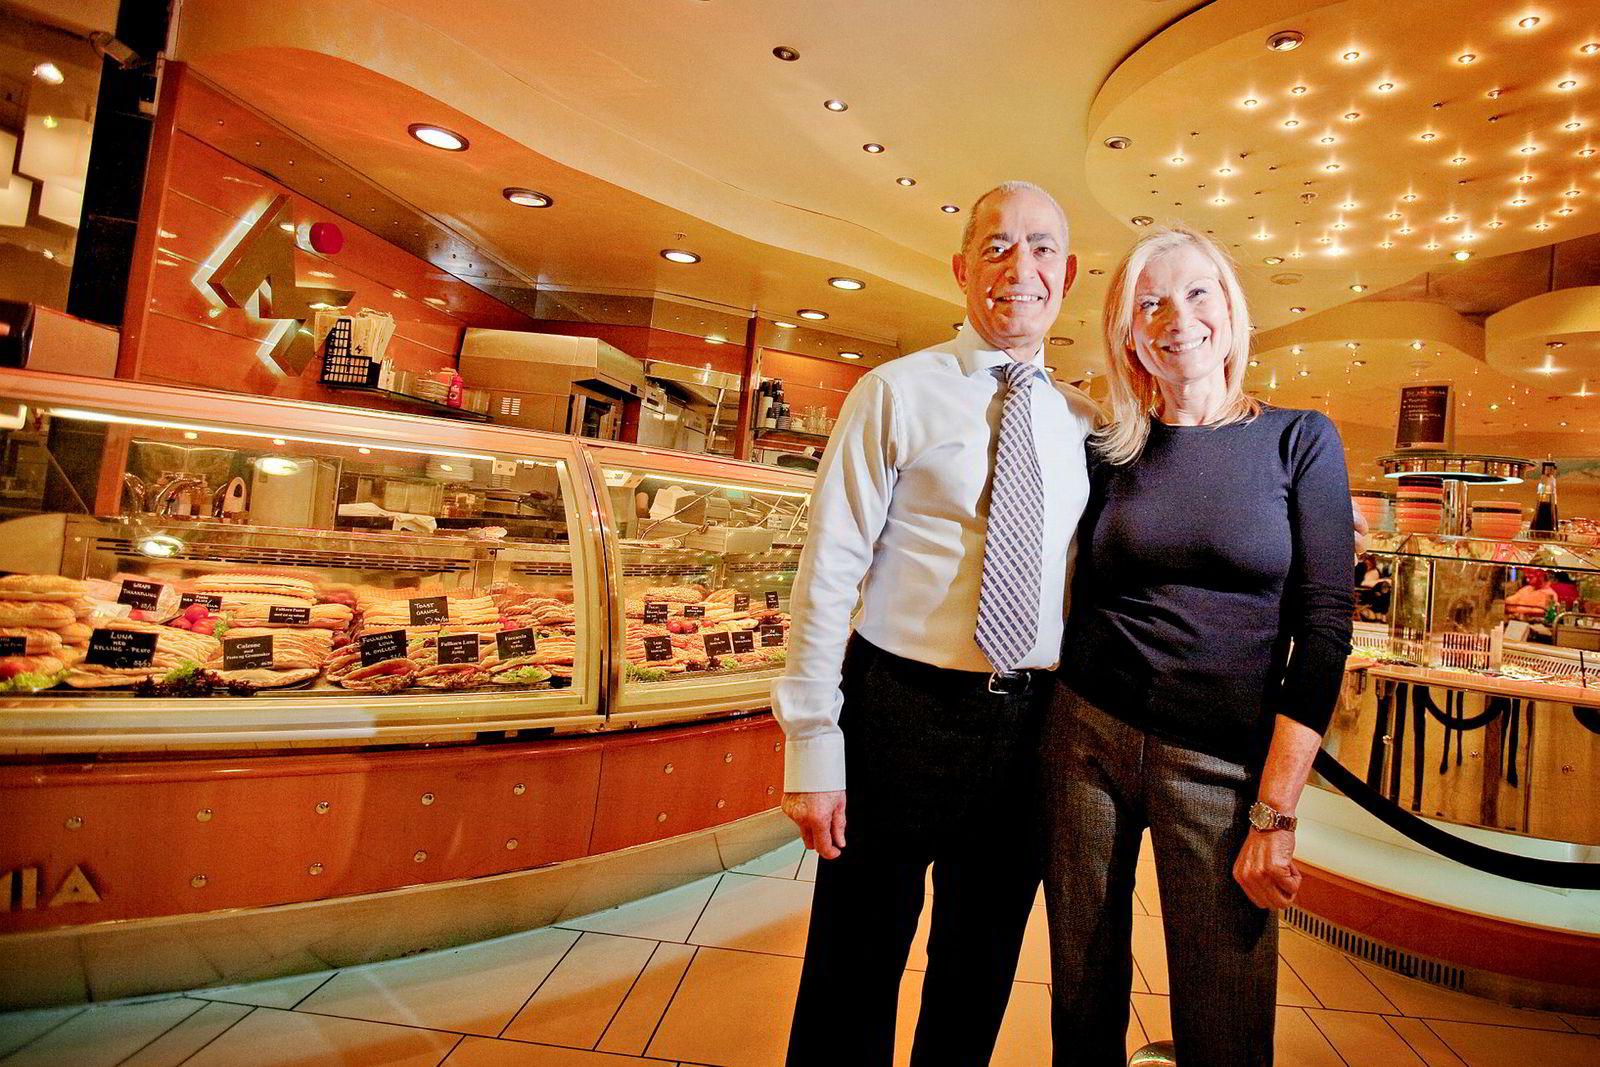 Ekteparet Dan Azouri og Dora Azouri solgte leiligheten på Tjuvholmen for 20 millioner kroner mer enn de ga for den i 2013.